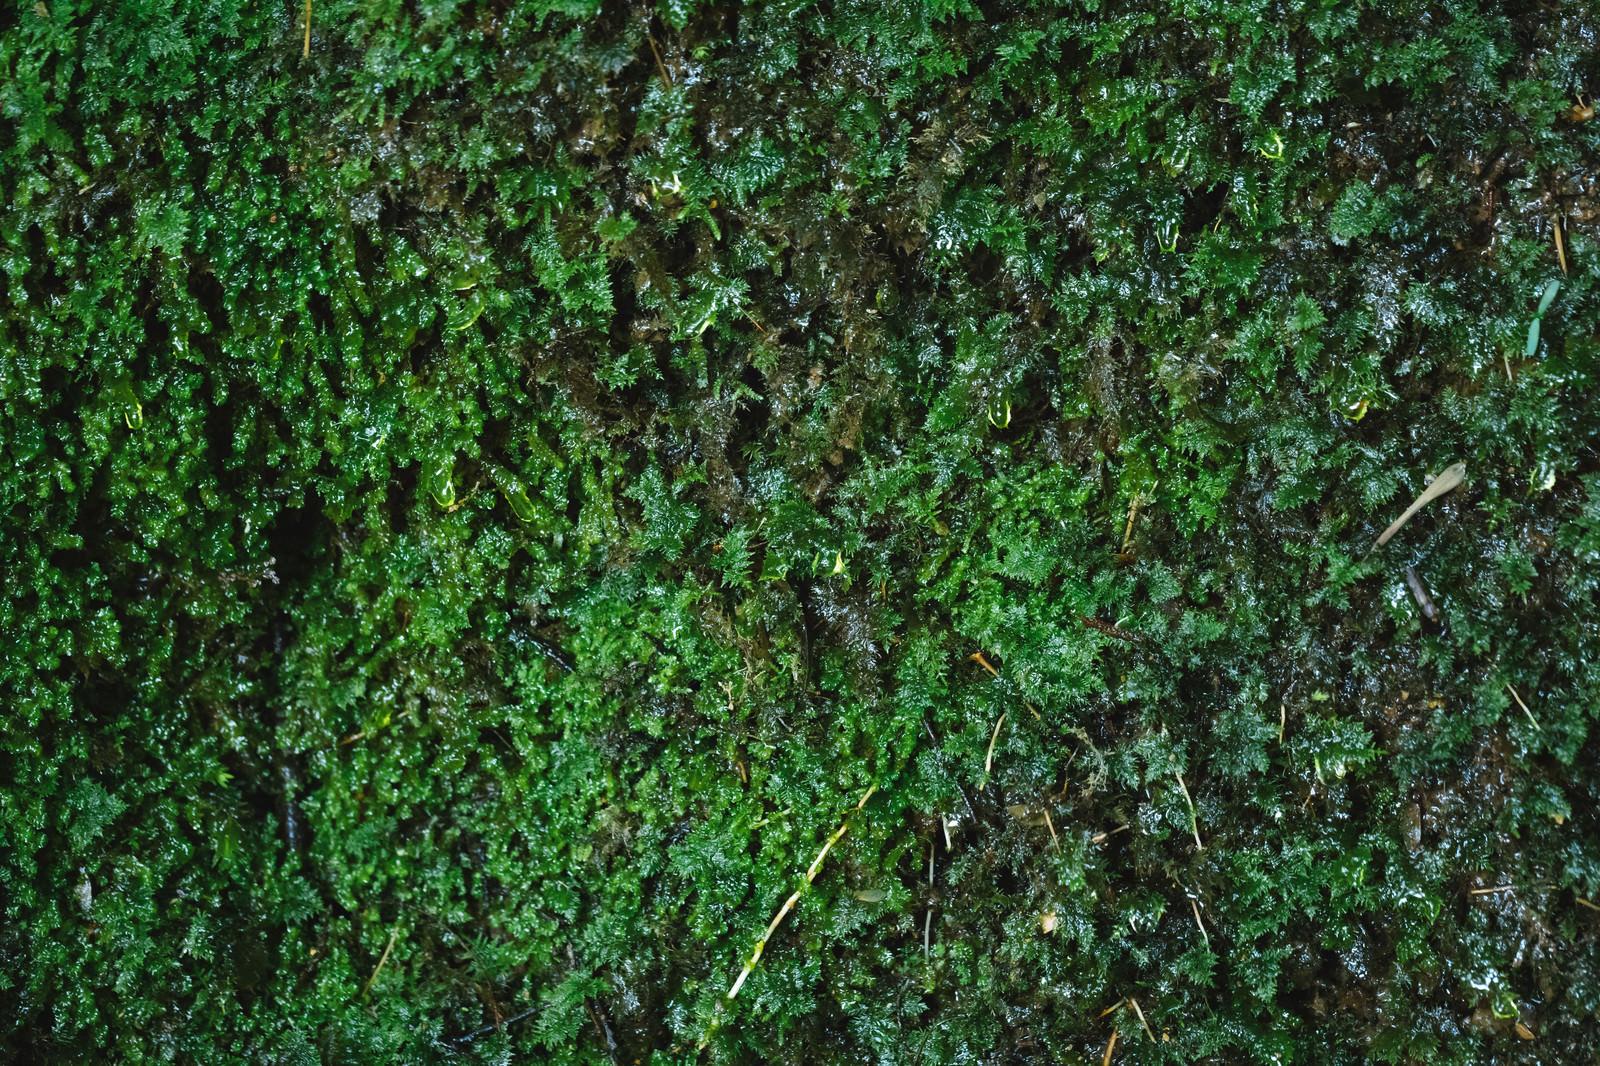 「湧水で濡れる苔の様子湧水で濡れる苔の様子」のフリー写真素材を拡大